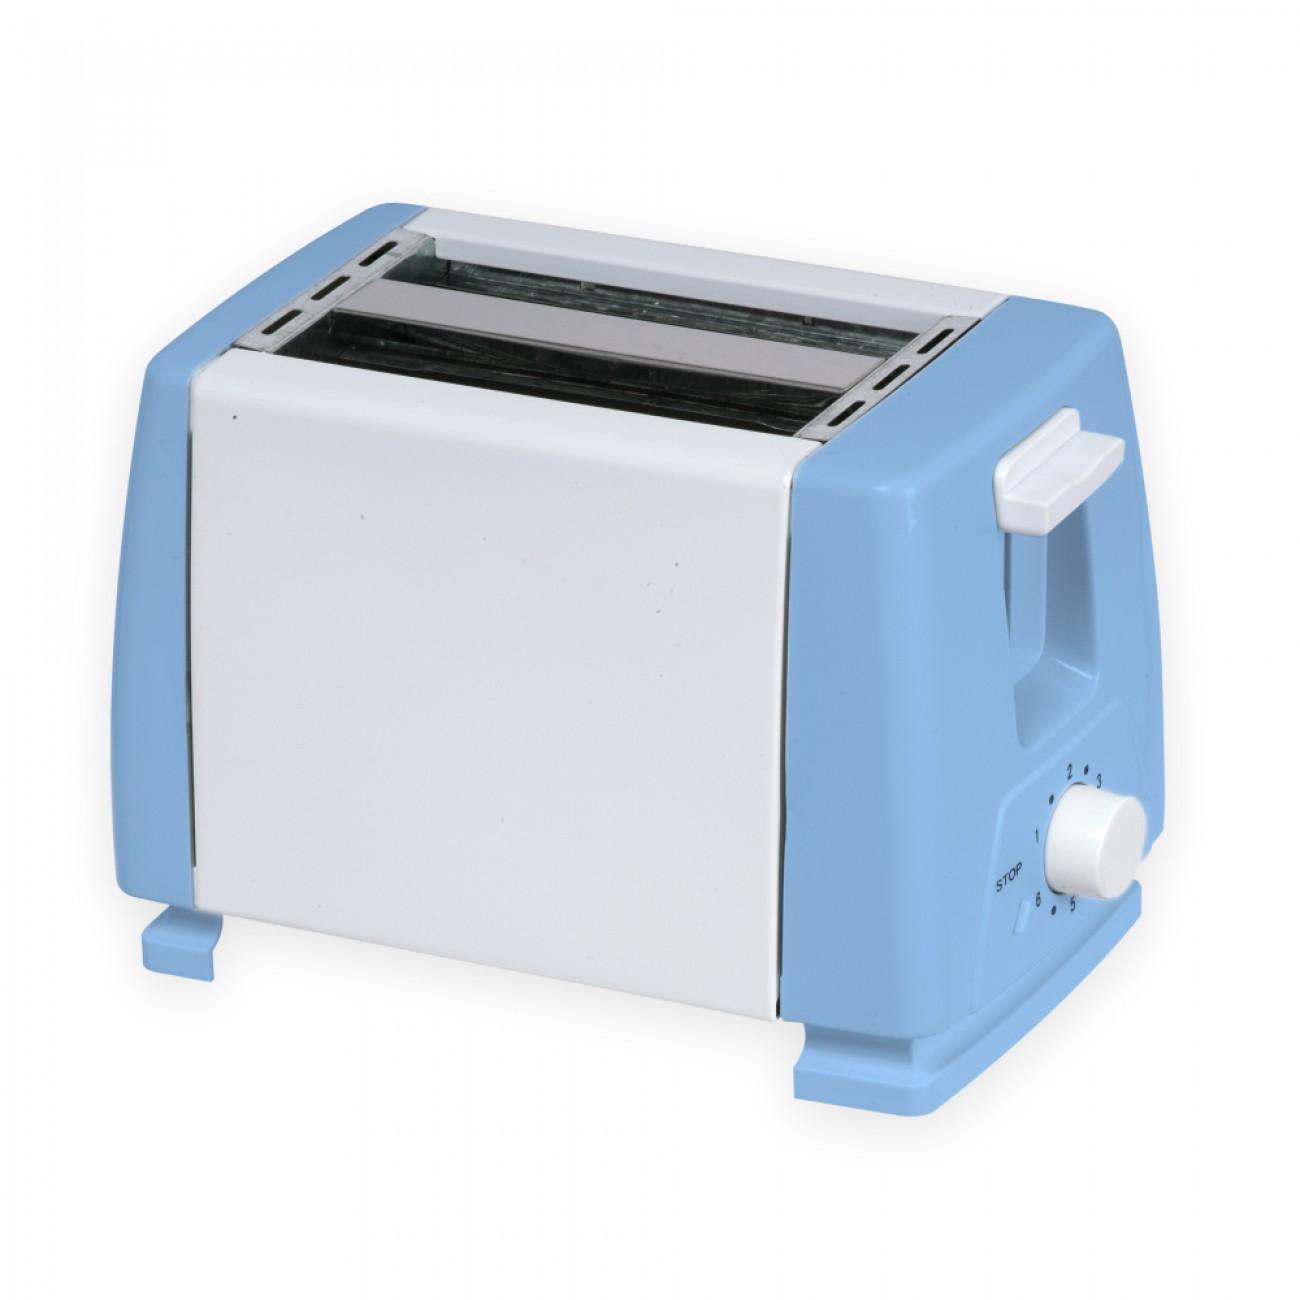 Тостер за хляб SAPIR SP 1440 B, 750W, За 2 филийки, 6 степени на запичане, Бял/син в Тостери за хляб - SAPIR   Alleop